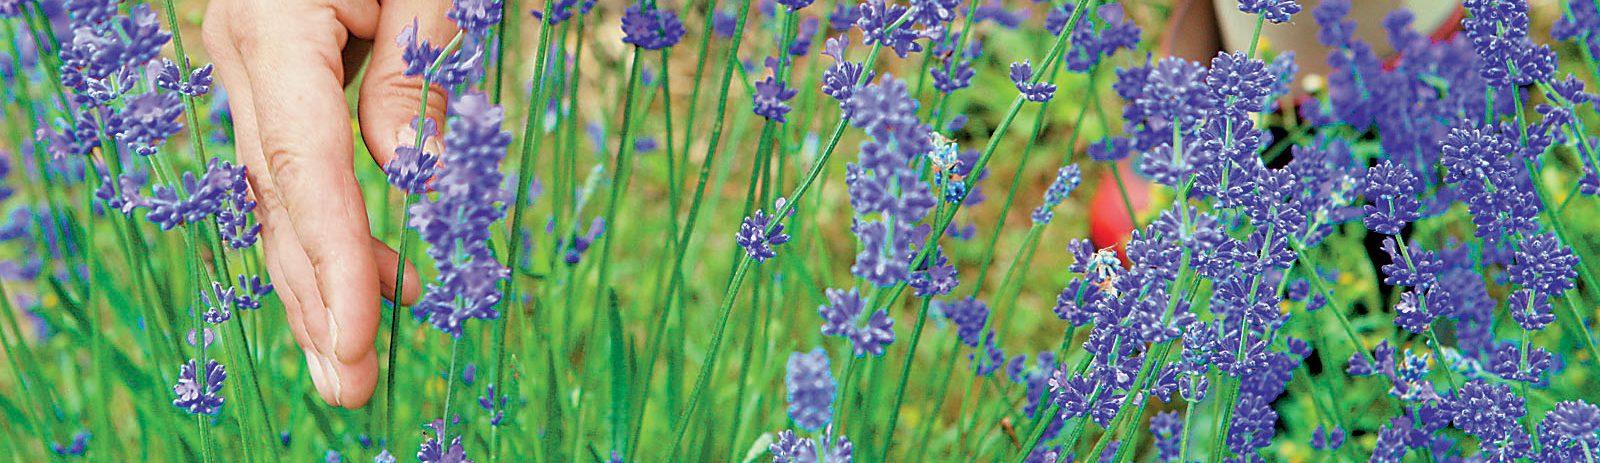 Αρωματικά και Φαρμακευτικά φυτά. Ένας αναξιοποίητος θησαυρός.